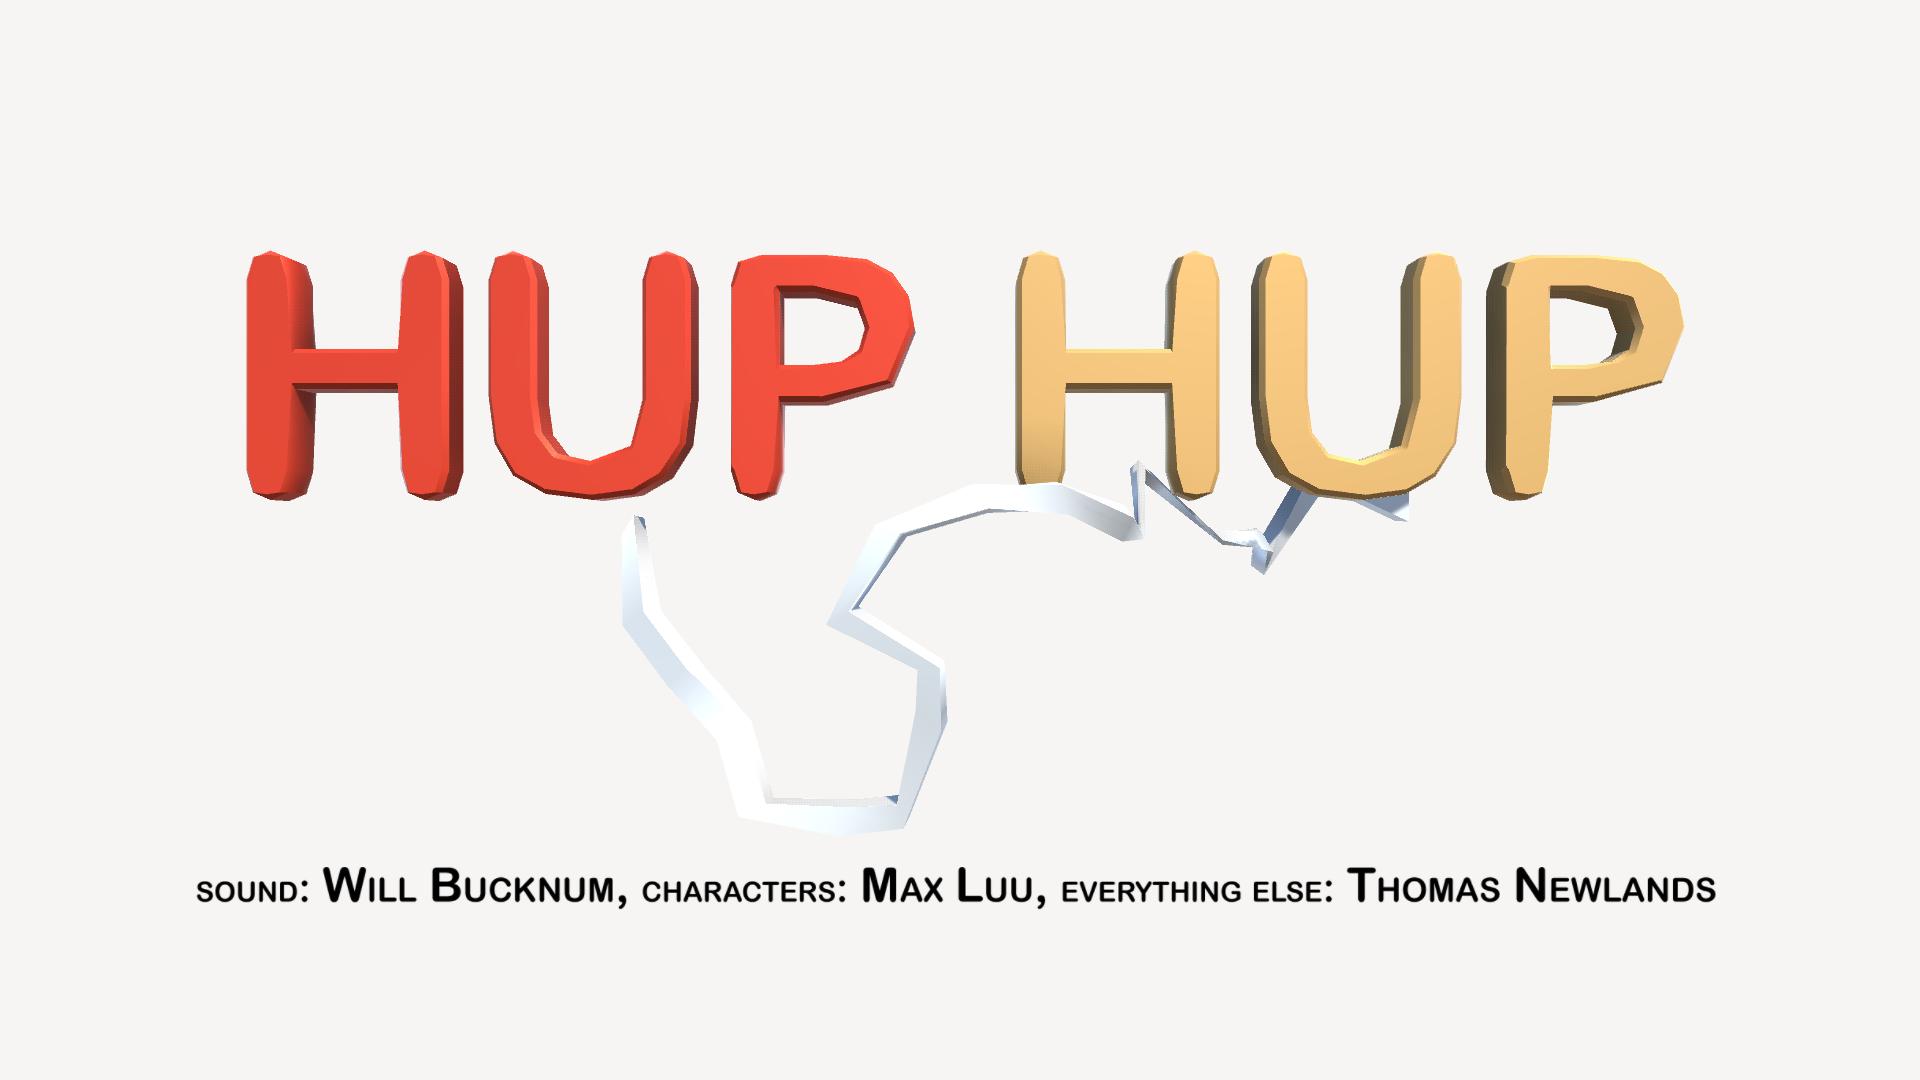 HupHup